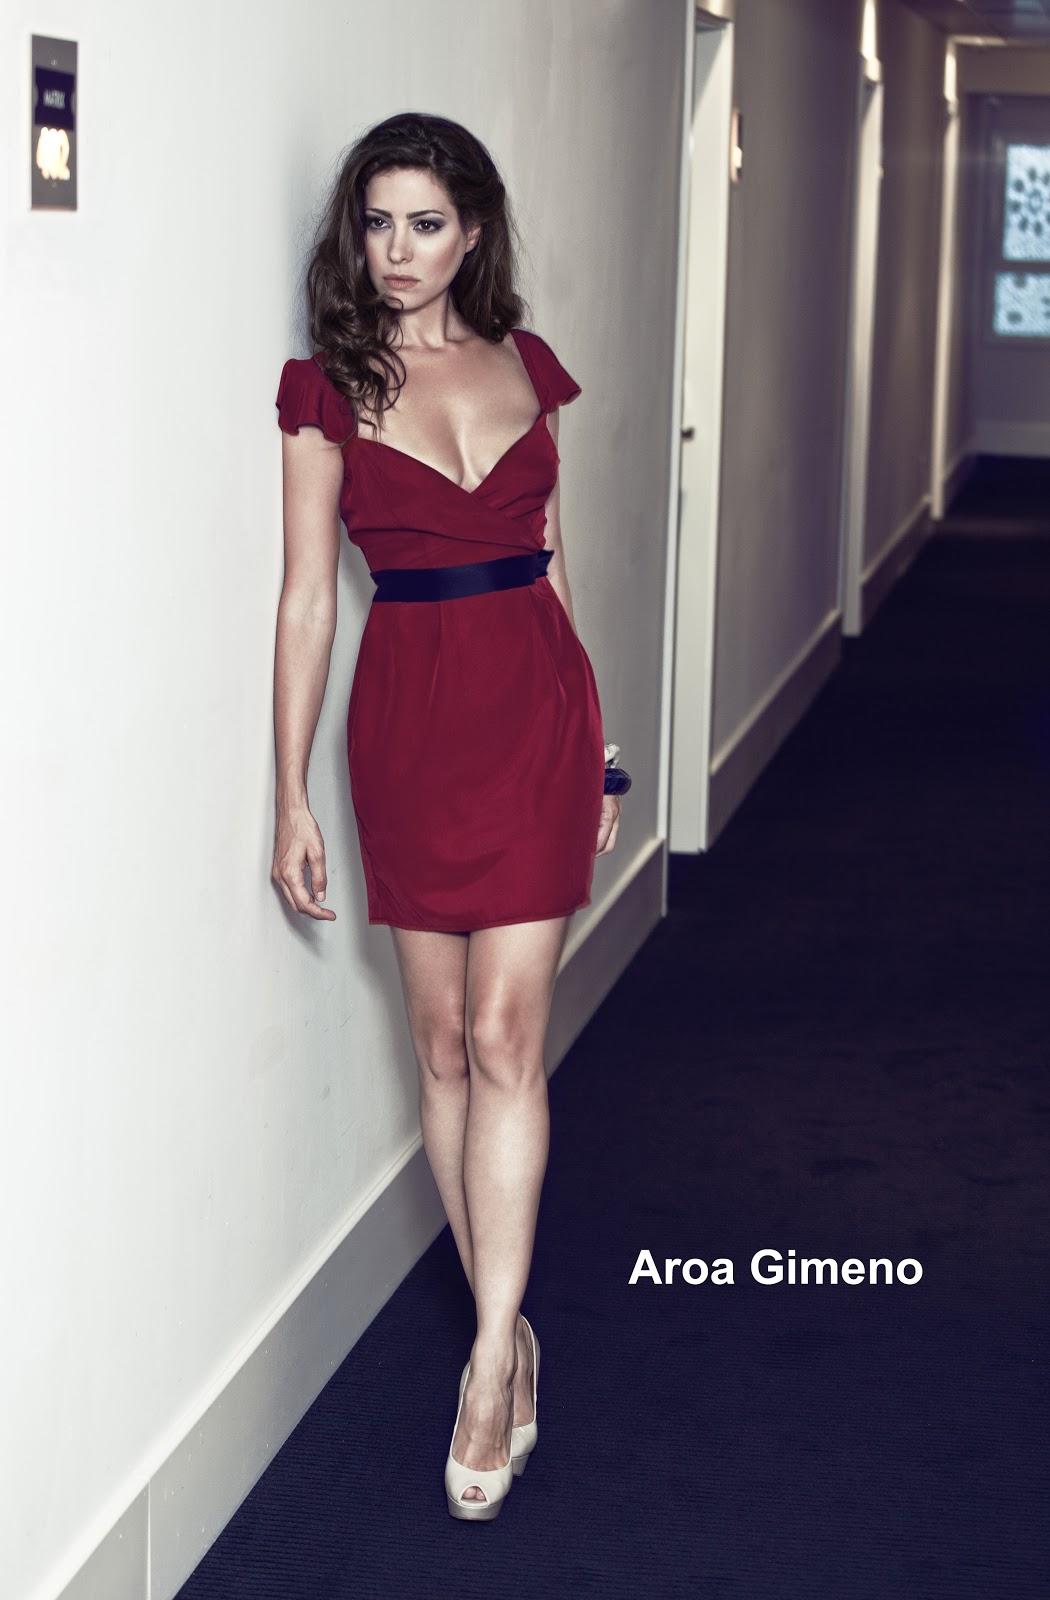 Aroa Gimeno Nude Photos 45